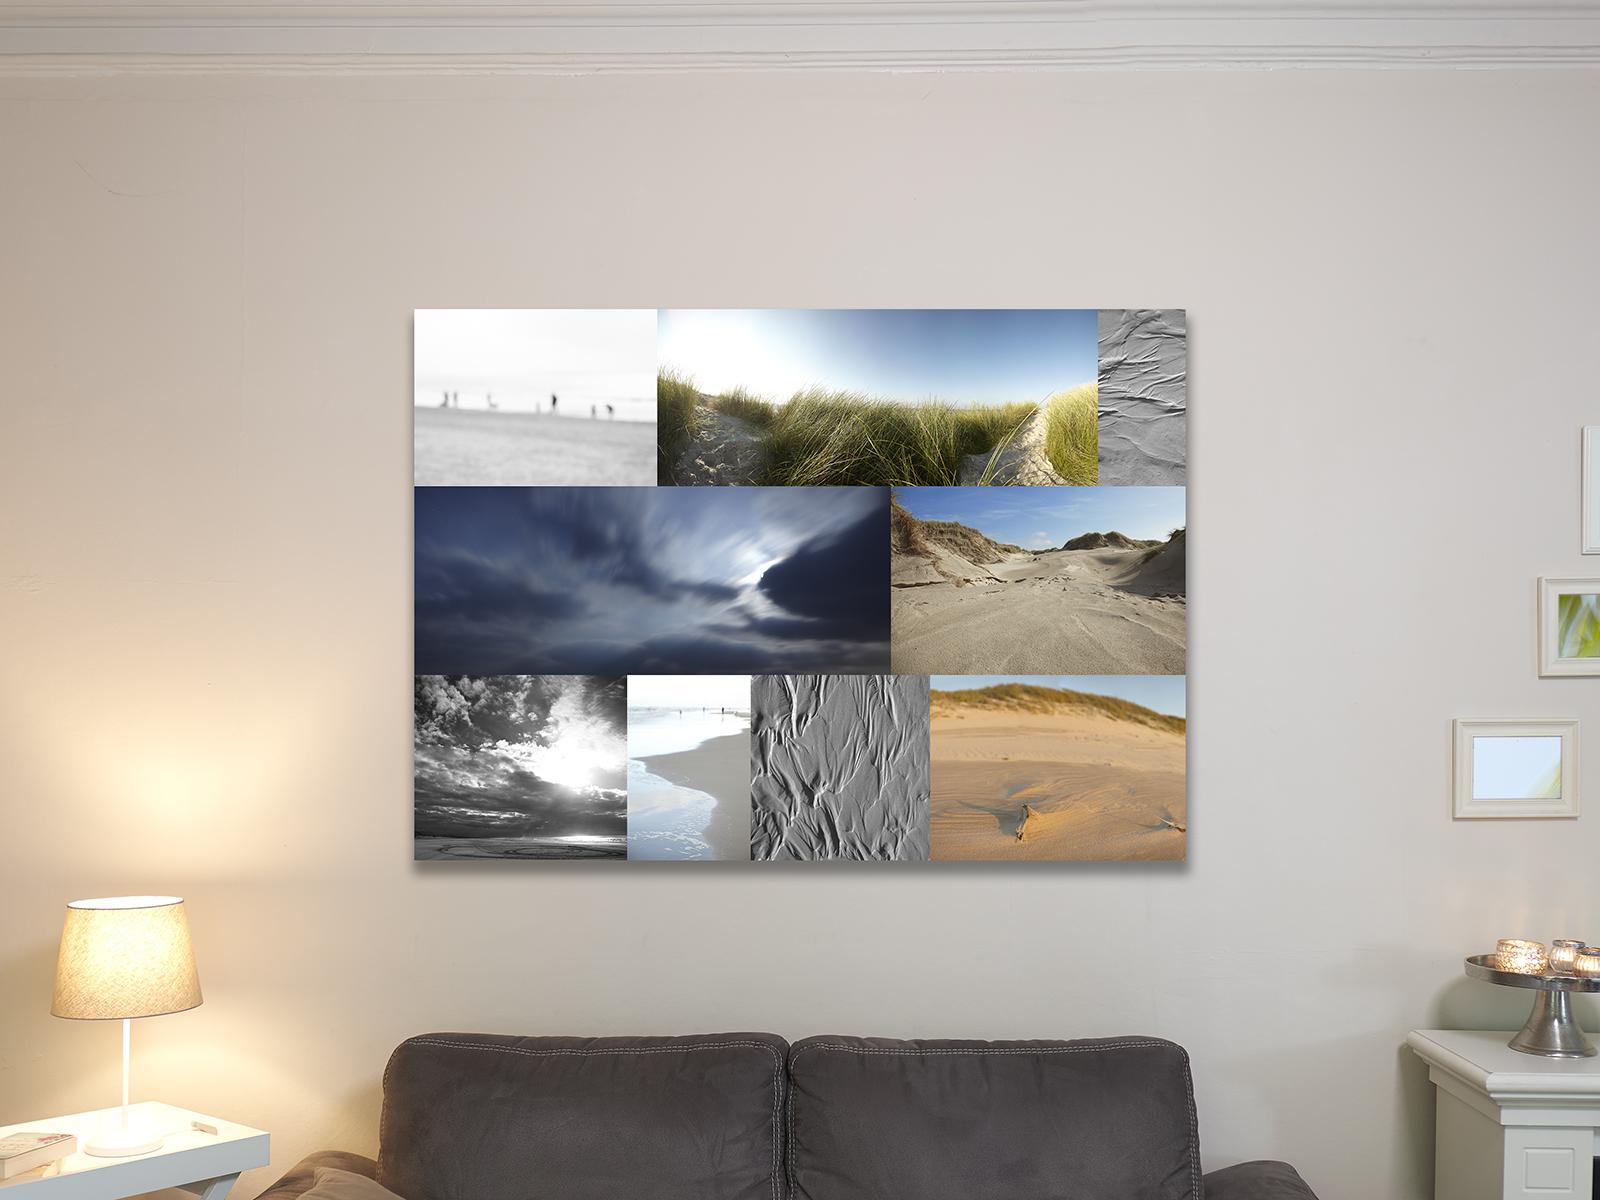 Bildbeispiel in der Größe 100x140cm